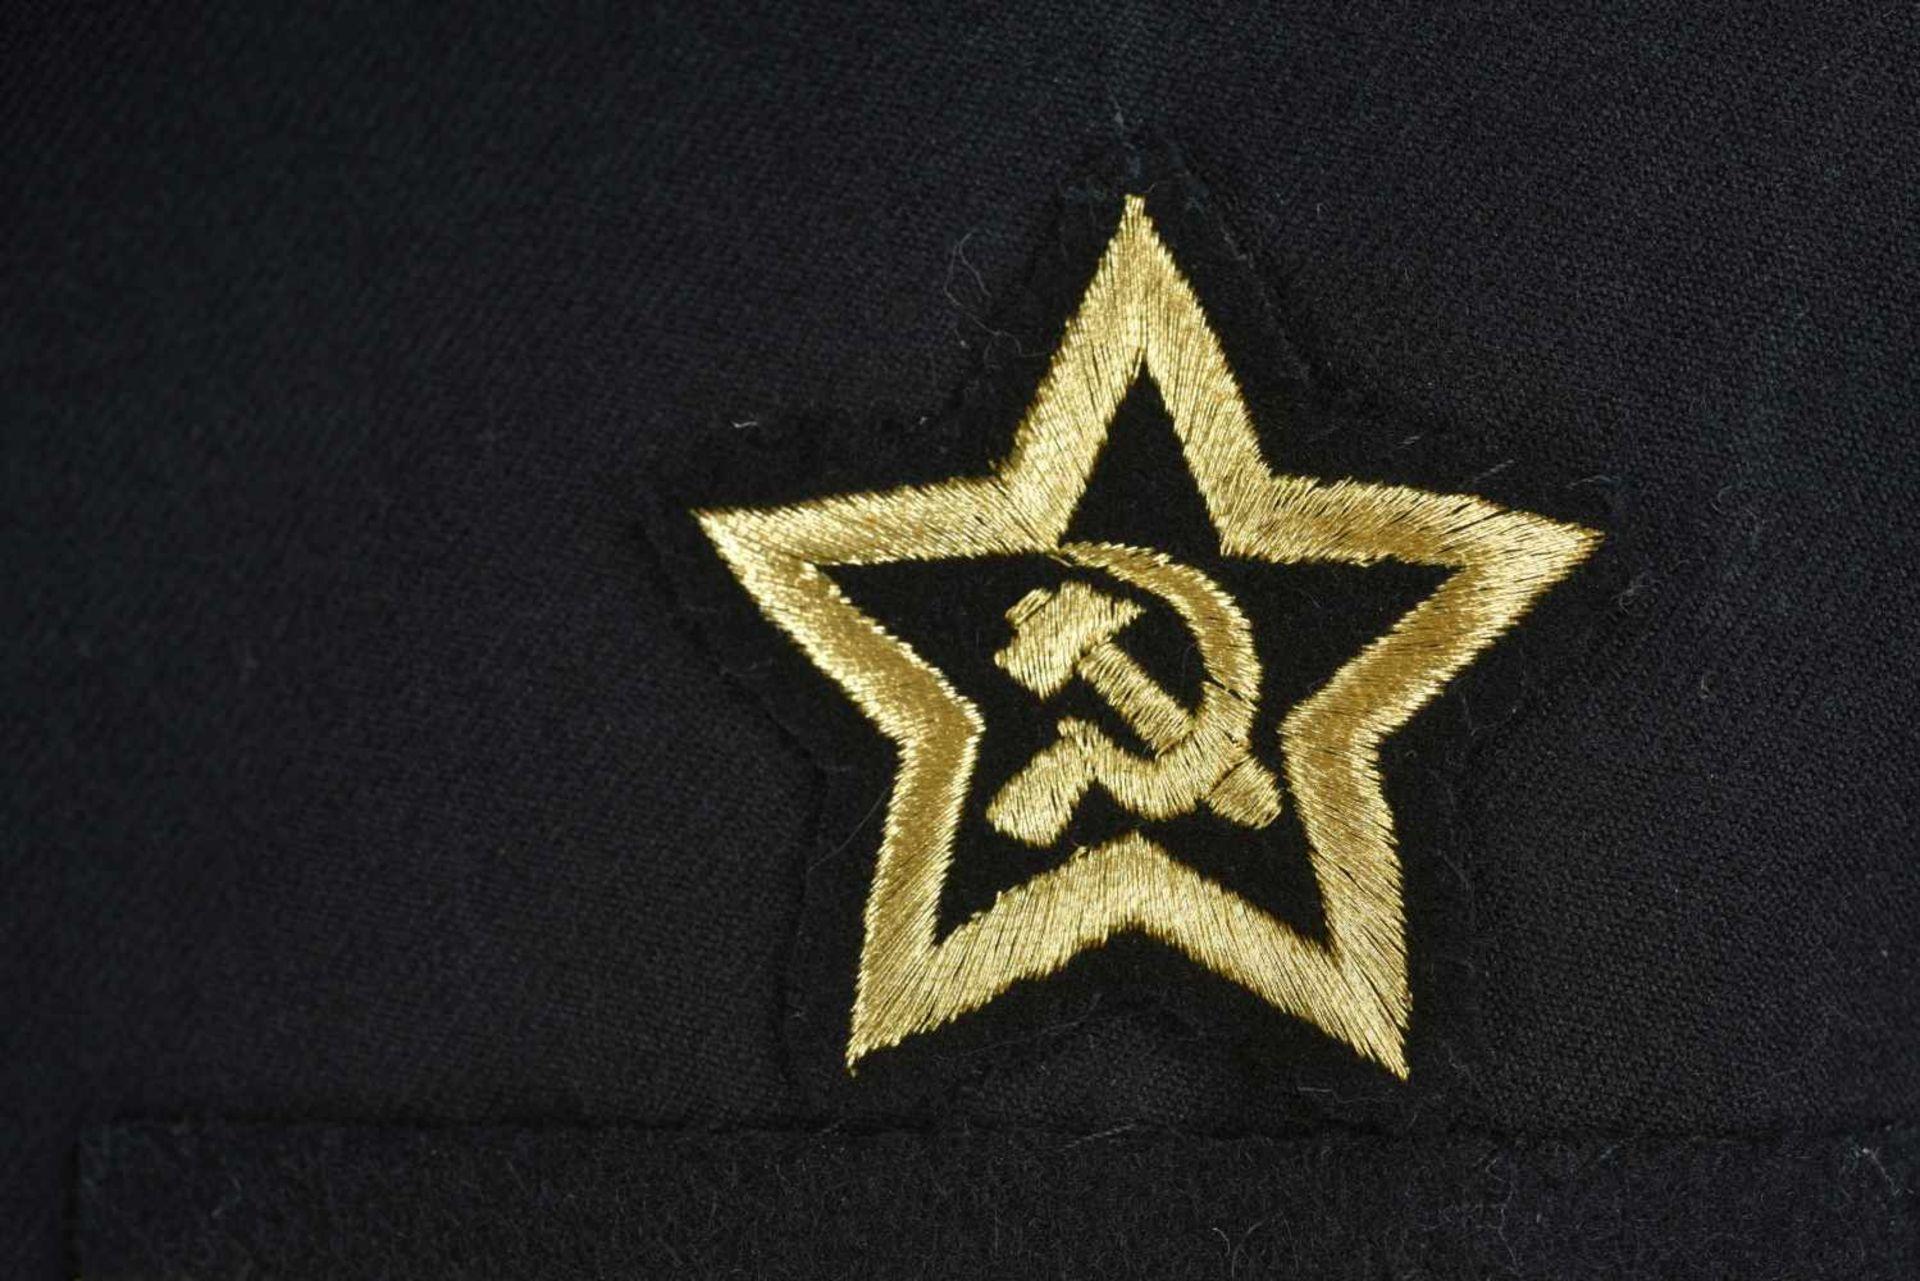 Los 54 - Uniforme de Contre amirale soviétique, année 1975 Vareuse en tissu noir, grades de col brodés en fil